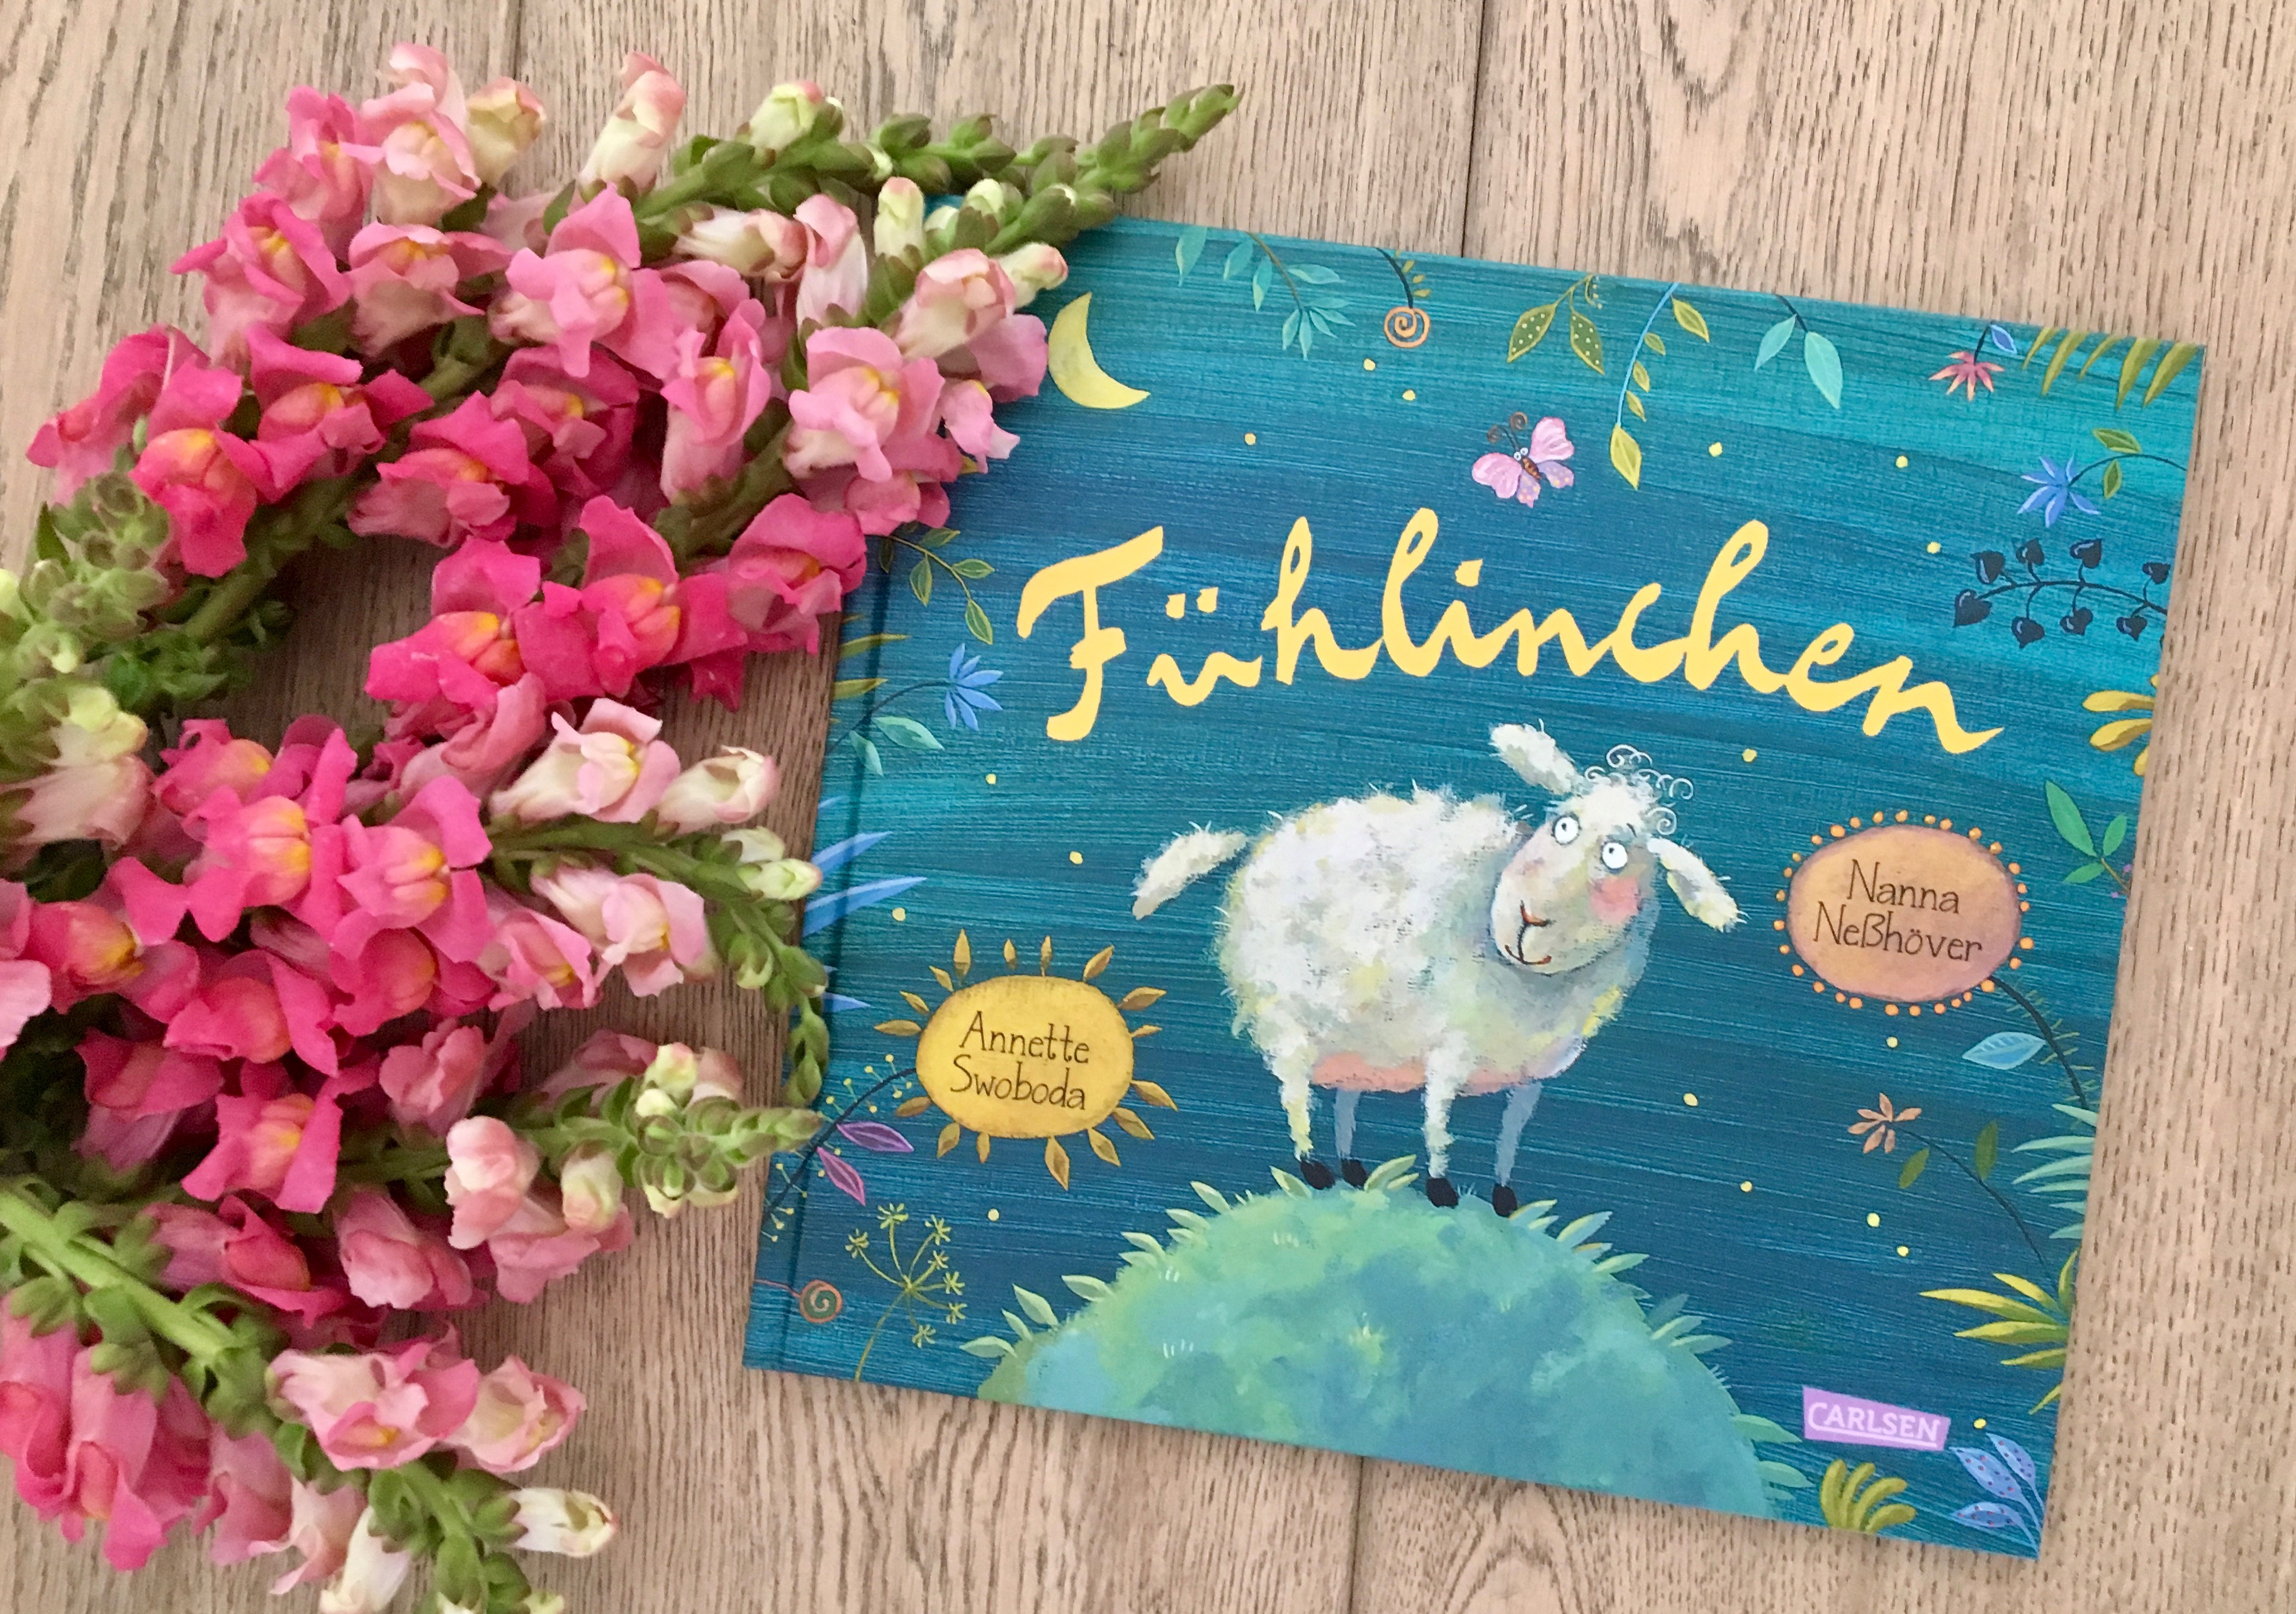 Fühlinchen von Nanna Neßhöver (Text) und Annette Swoboda (Illustration)